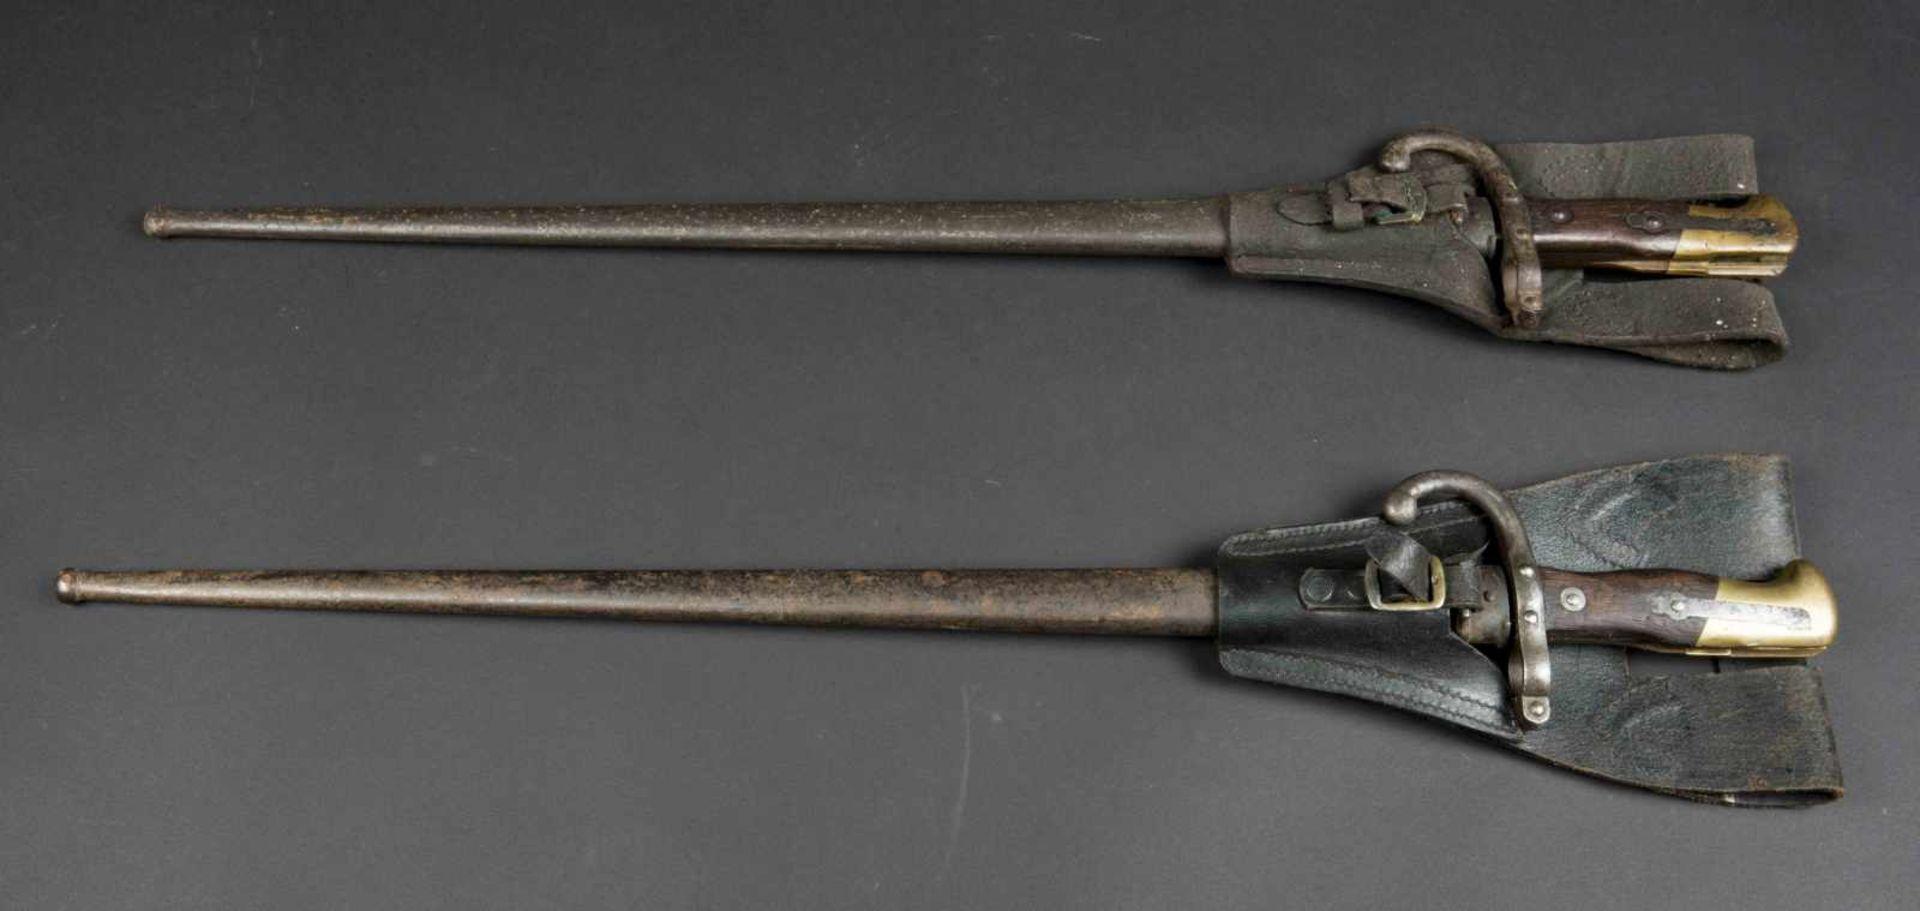 Lot de deux baïonnettes Gras modèle 1874 numéros différents sur baïonnettes et fourreaux, avec - Bild 3 aus 4